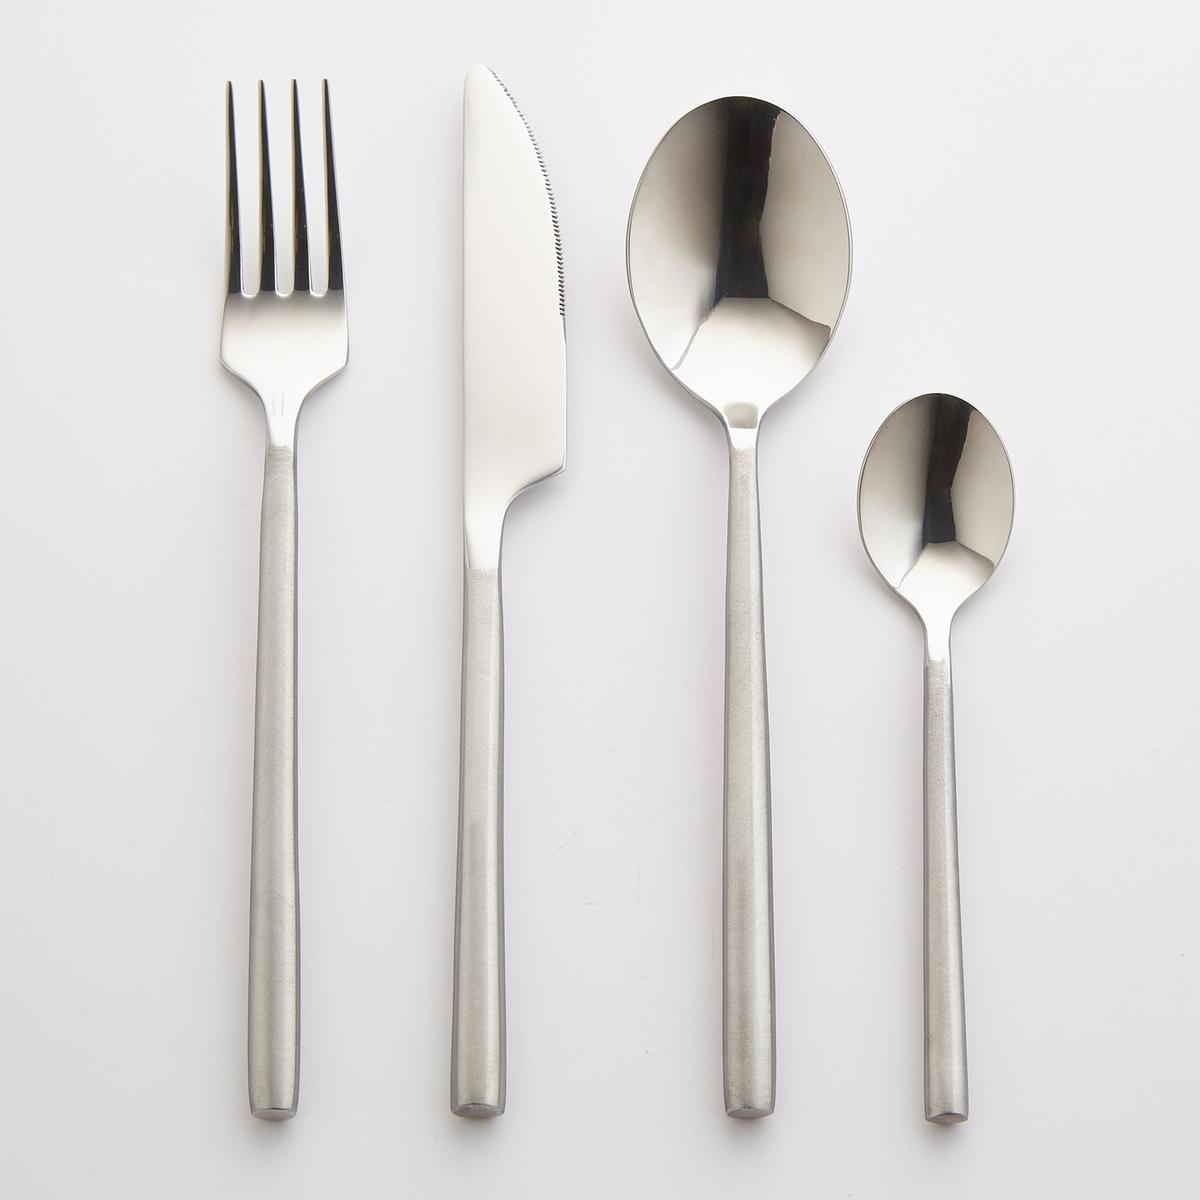 Комплект из 4 столовых ложек из нержавеющей стали Concetti4 столовые ложки Concetti. Из нержавеющей стали, ручка с матовой отделкой. Толщина 3,5 мм. Можно мыть в посудомоечной машине.<br><br>Цвет: стальной<br>Размер: единый размер